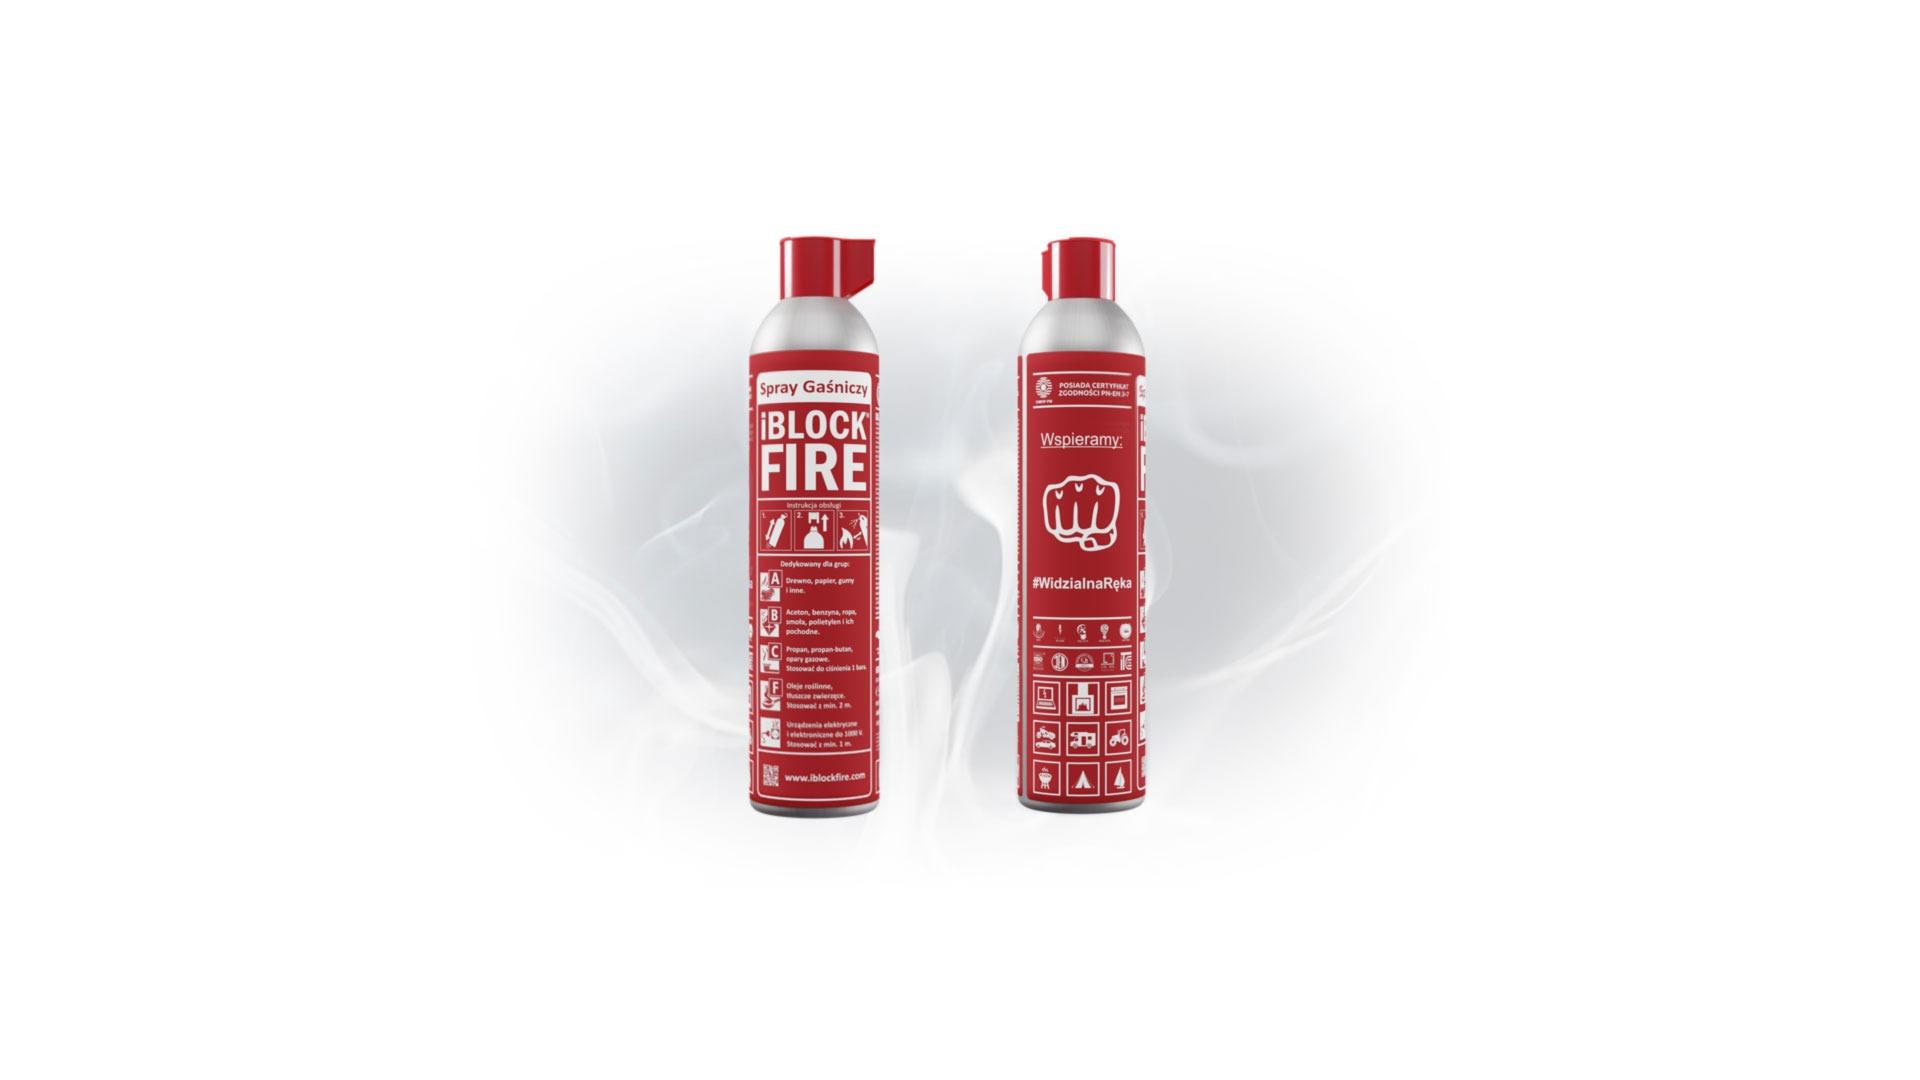 iBlockFIRE wspiera Widzialną Rękę – 16.02.2021R.